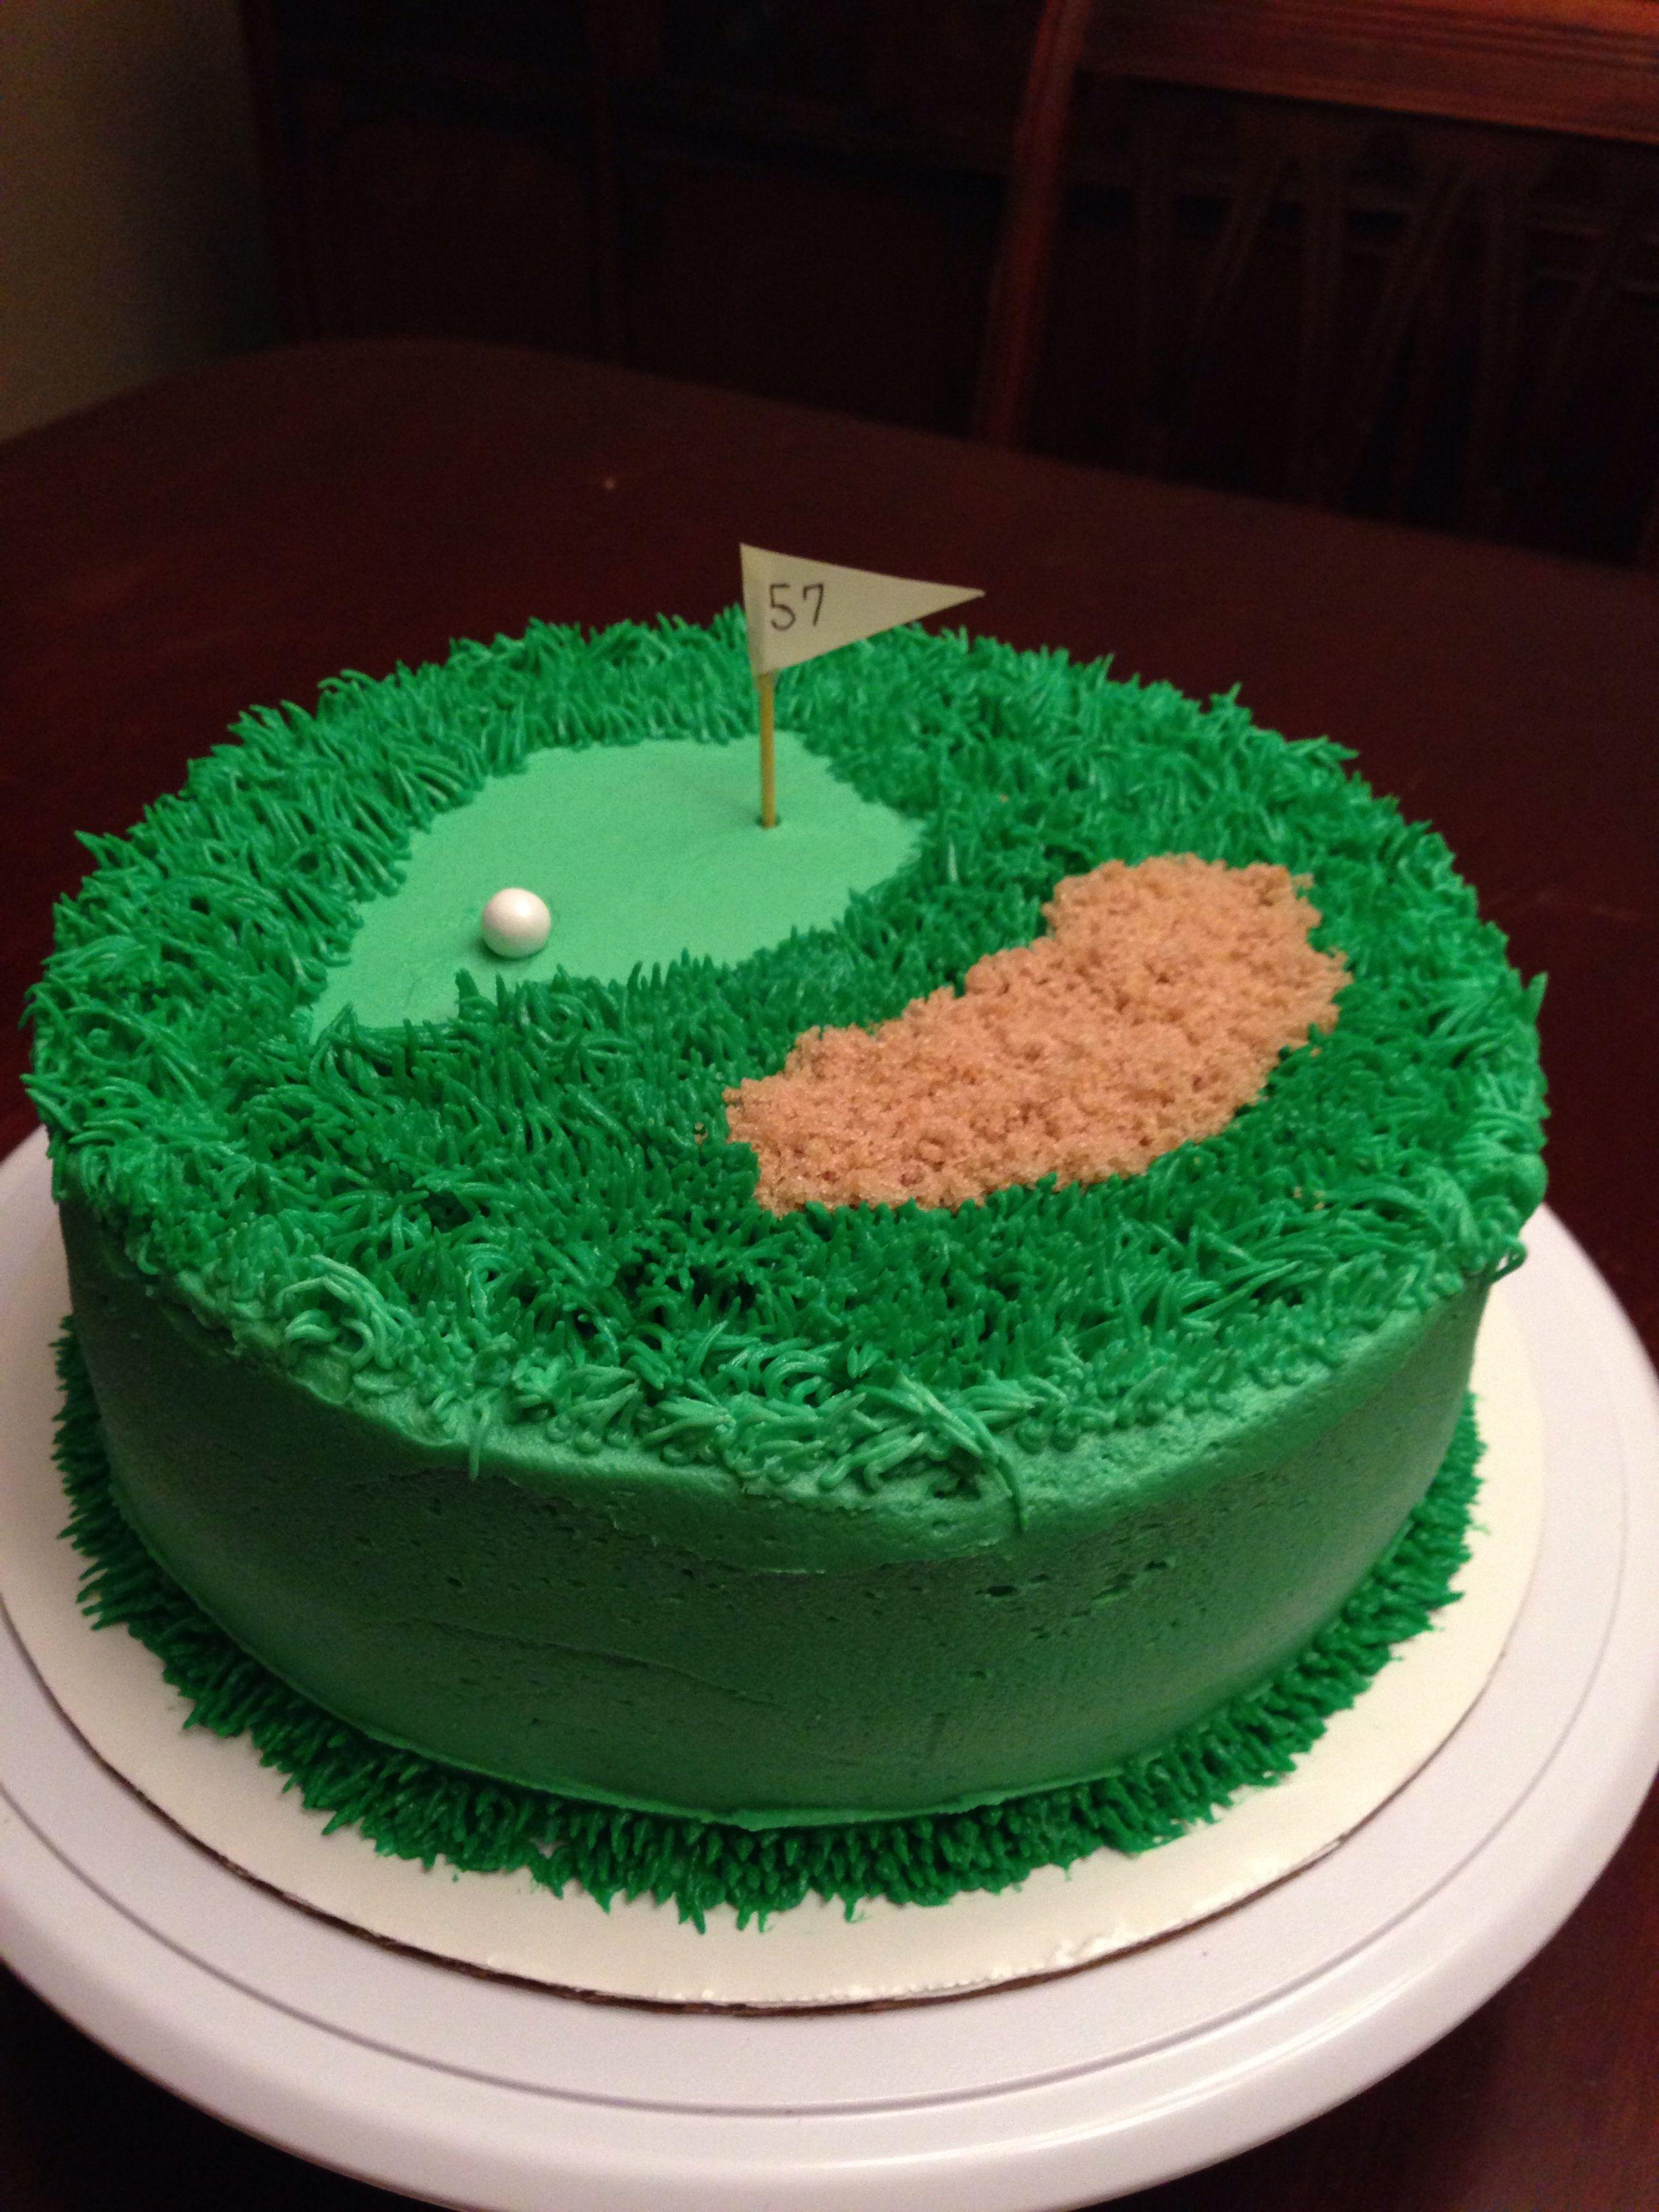 Golf cake - lemon cake, lemon curd filling, lemon buttercream frosting